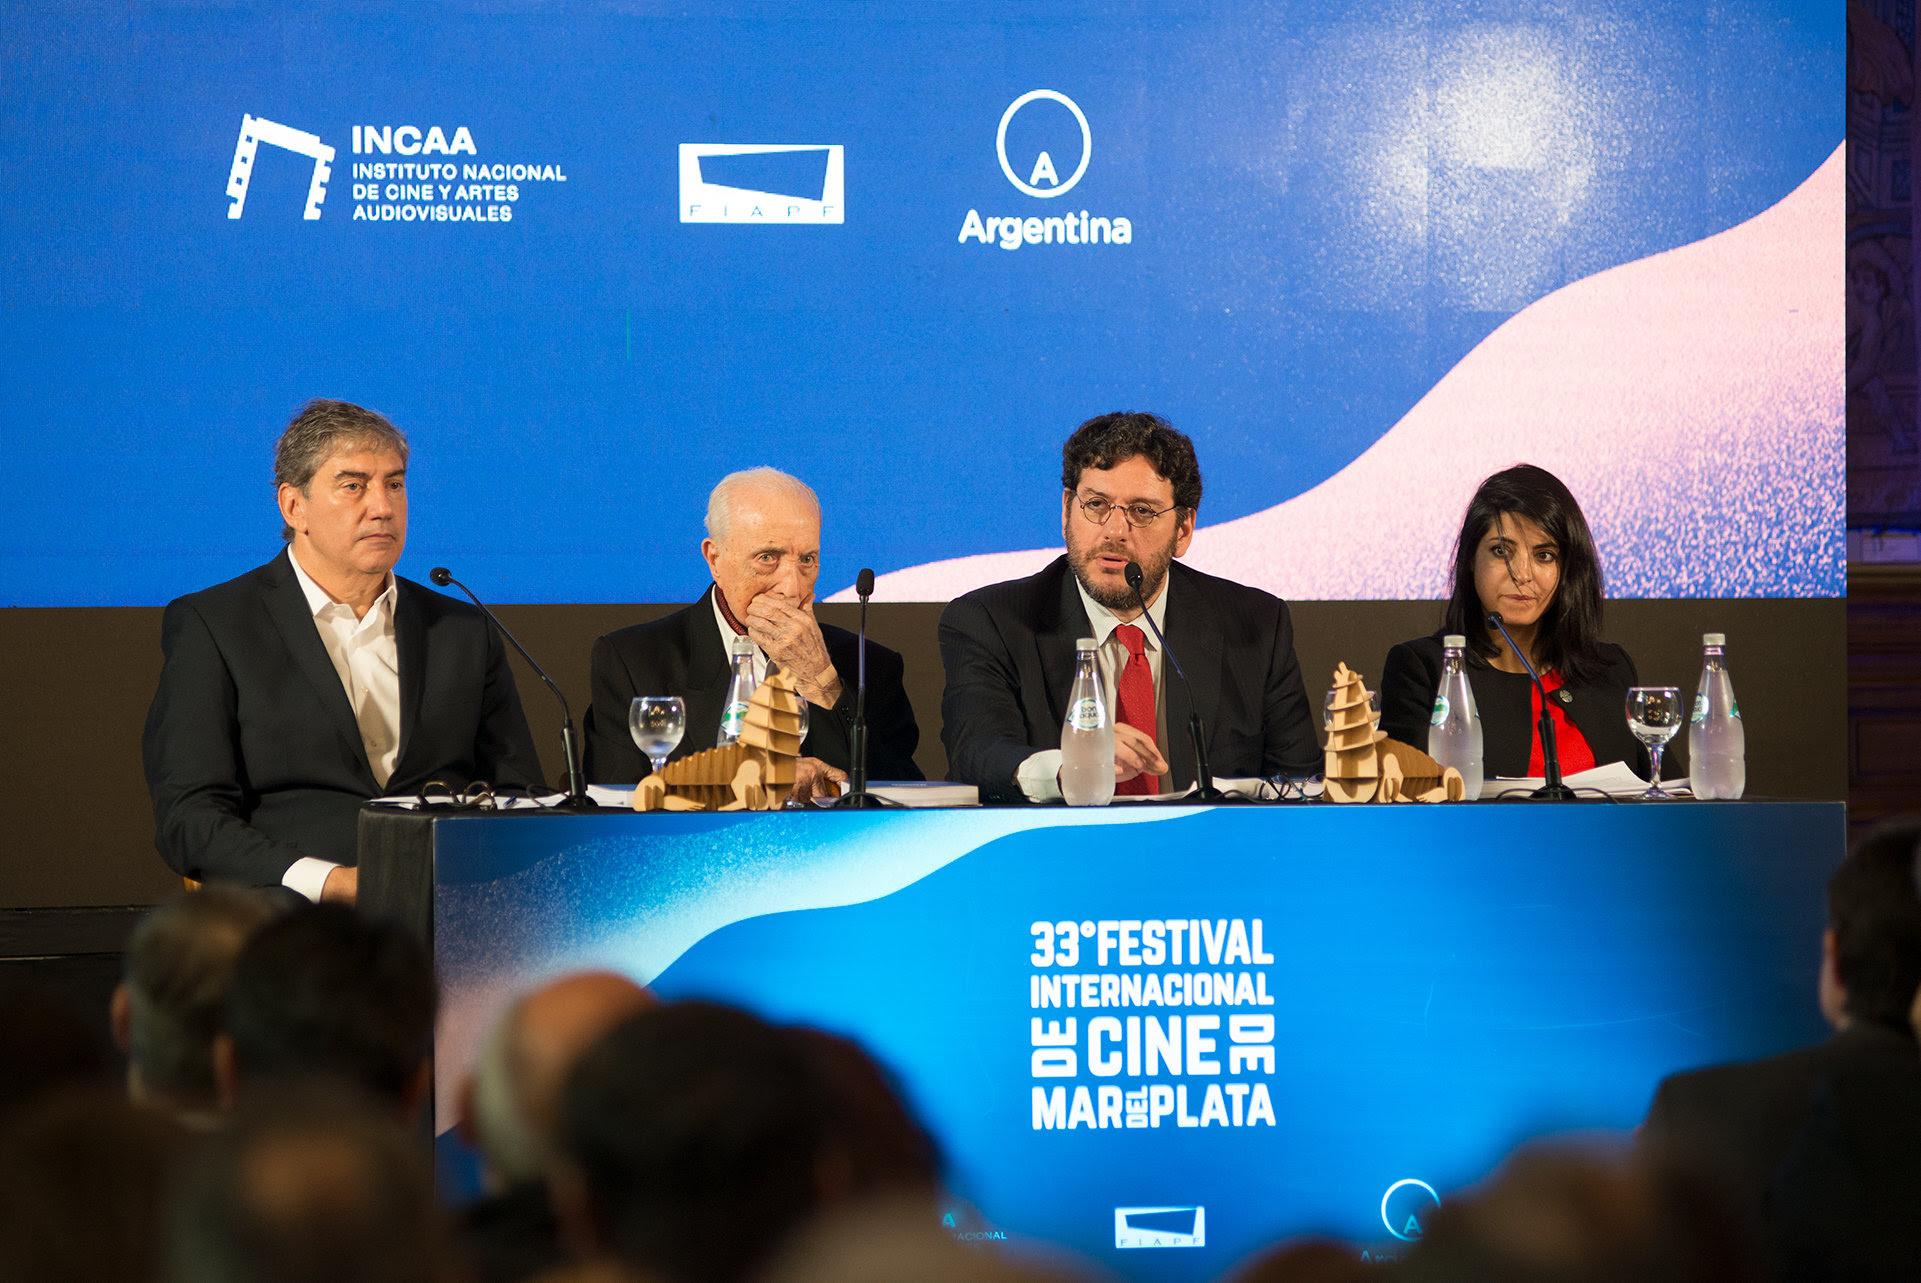 Mar del Plata se viste de fiesta con el 33° Festival Internacional de Cine